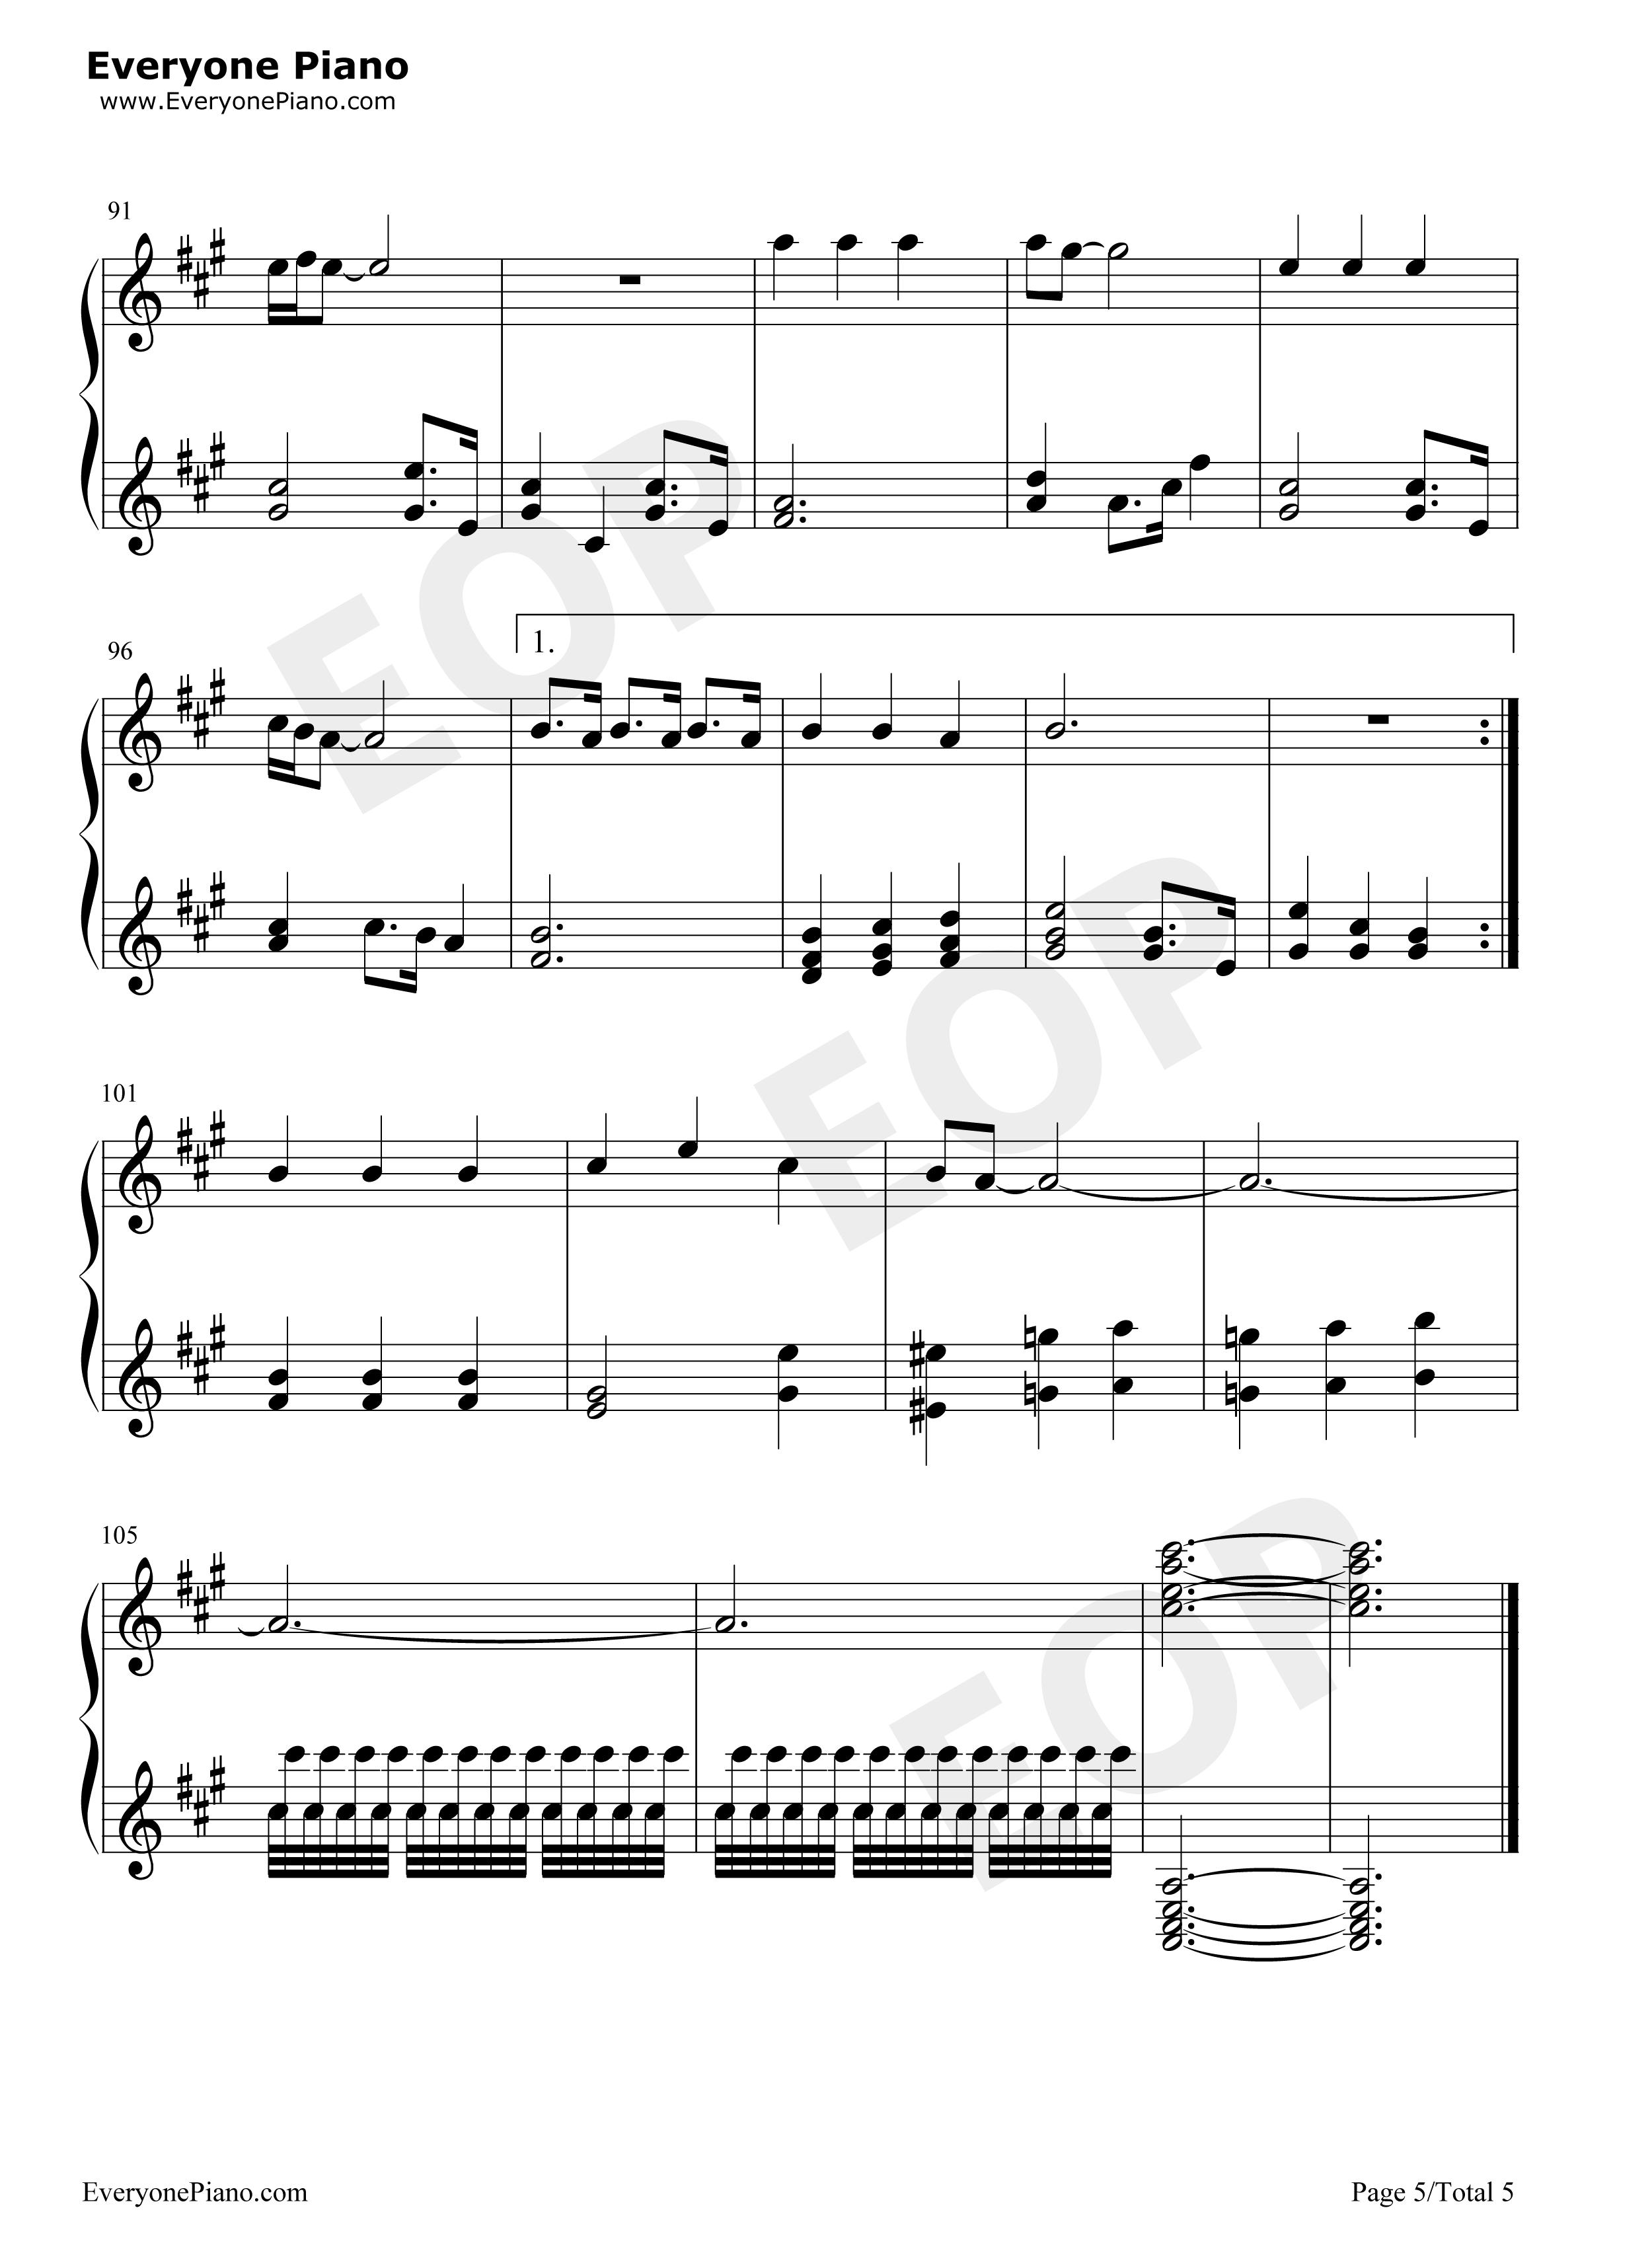 钢琴曲谱 流行 真心英雄 真心英雄五线谱预览5  }  仅供学习交流使用!